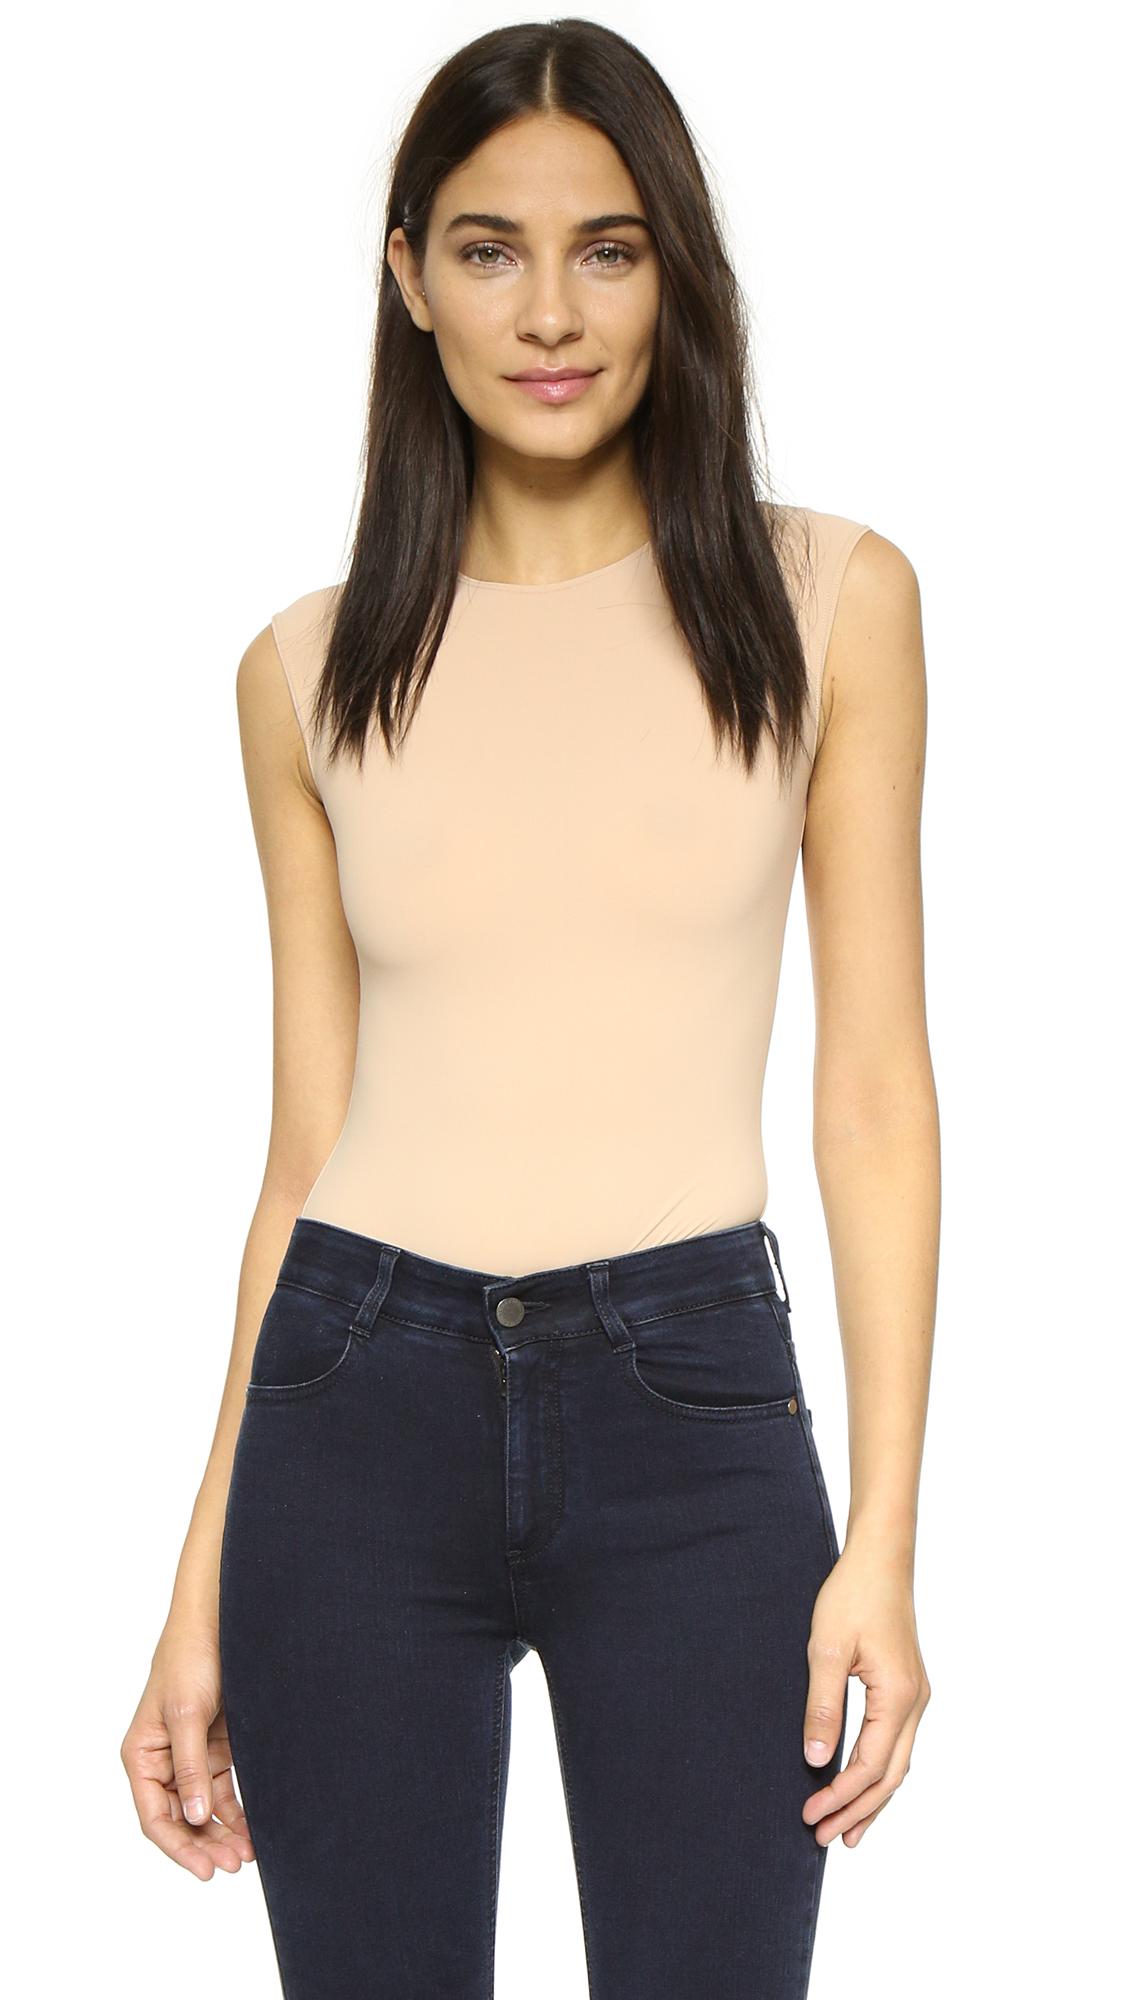 Alix Lenox Skin Thong Bodysuit - Nude at Shopbop